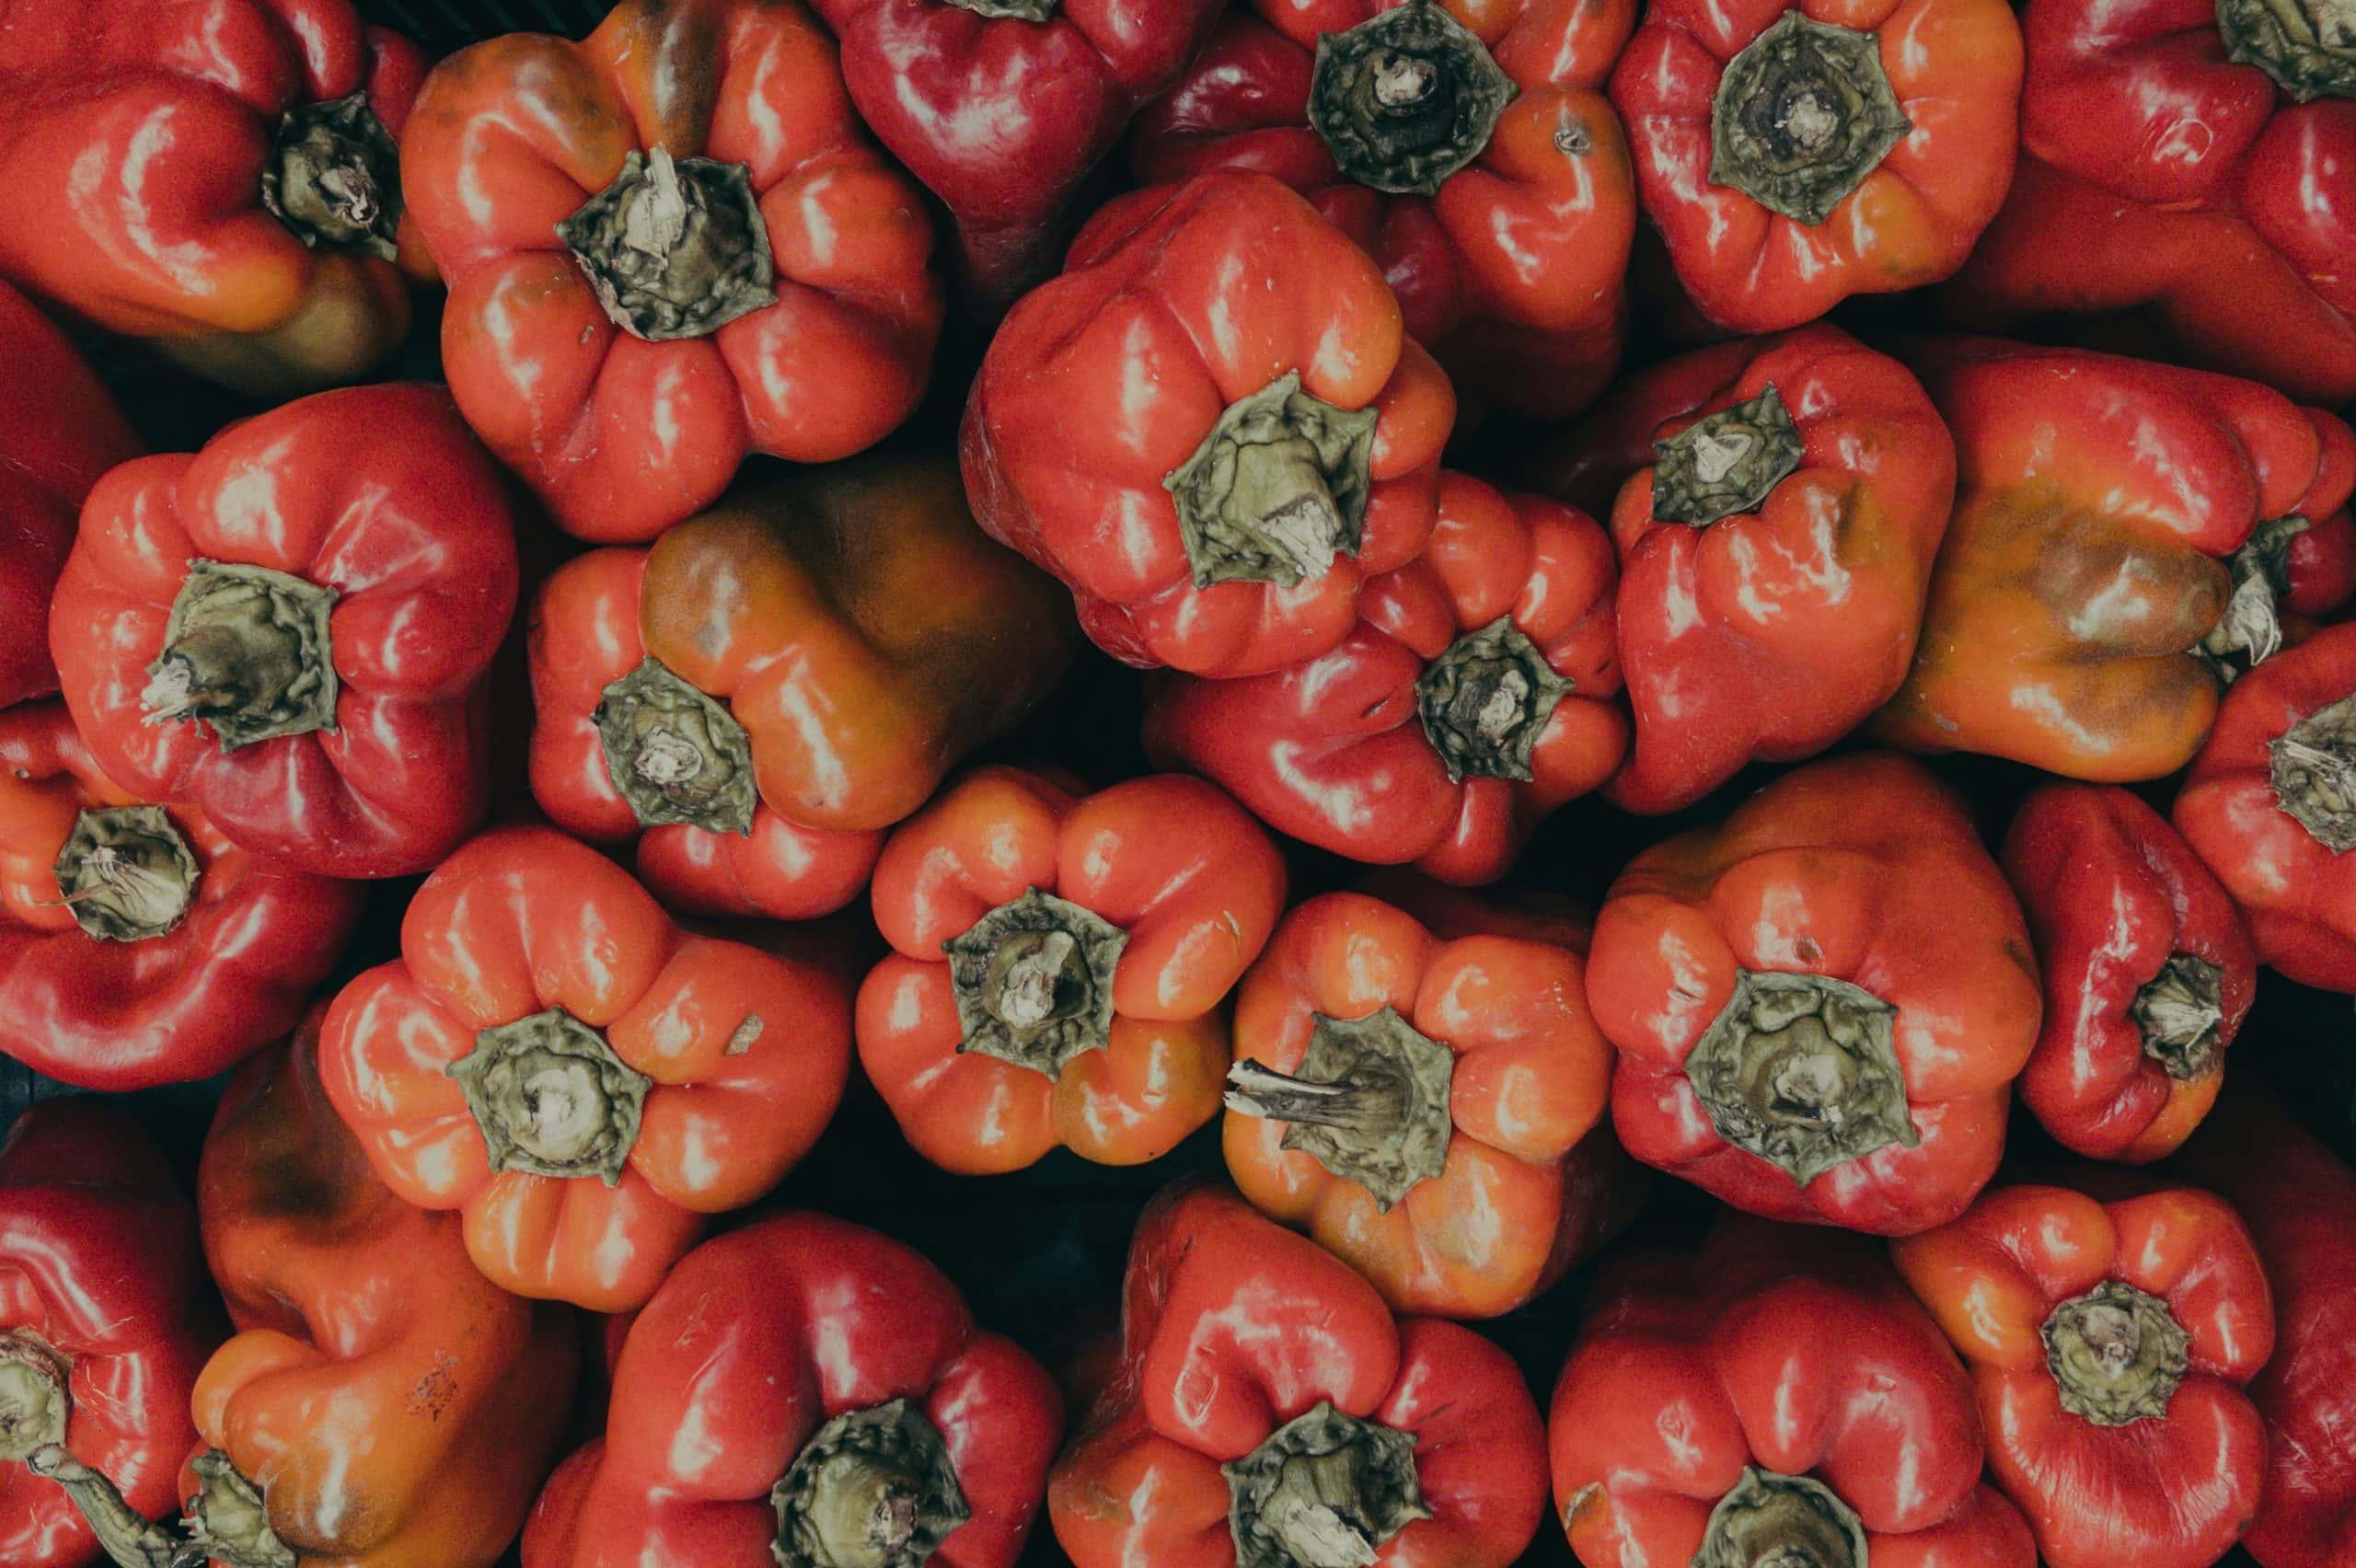 Pestisitsiz tarıma dikkat çekmek için doğal biber görseli